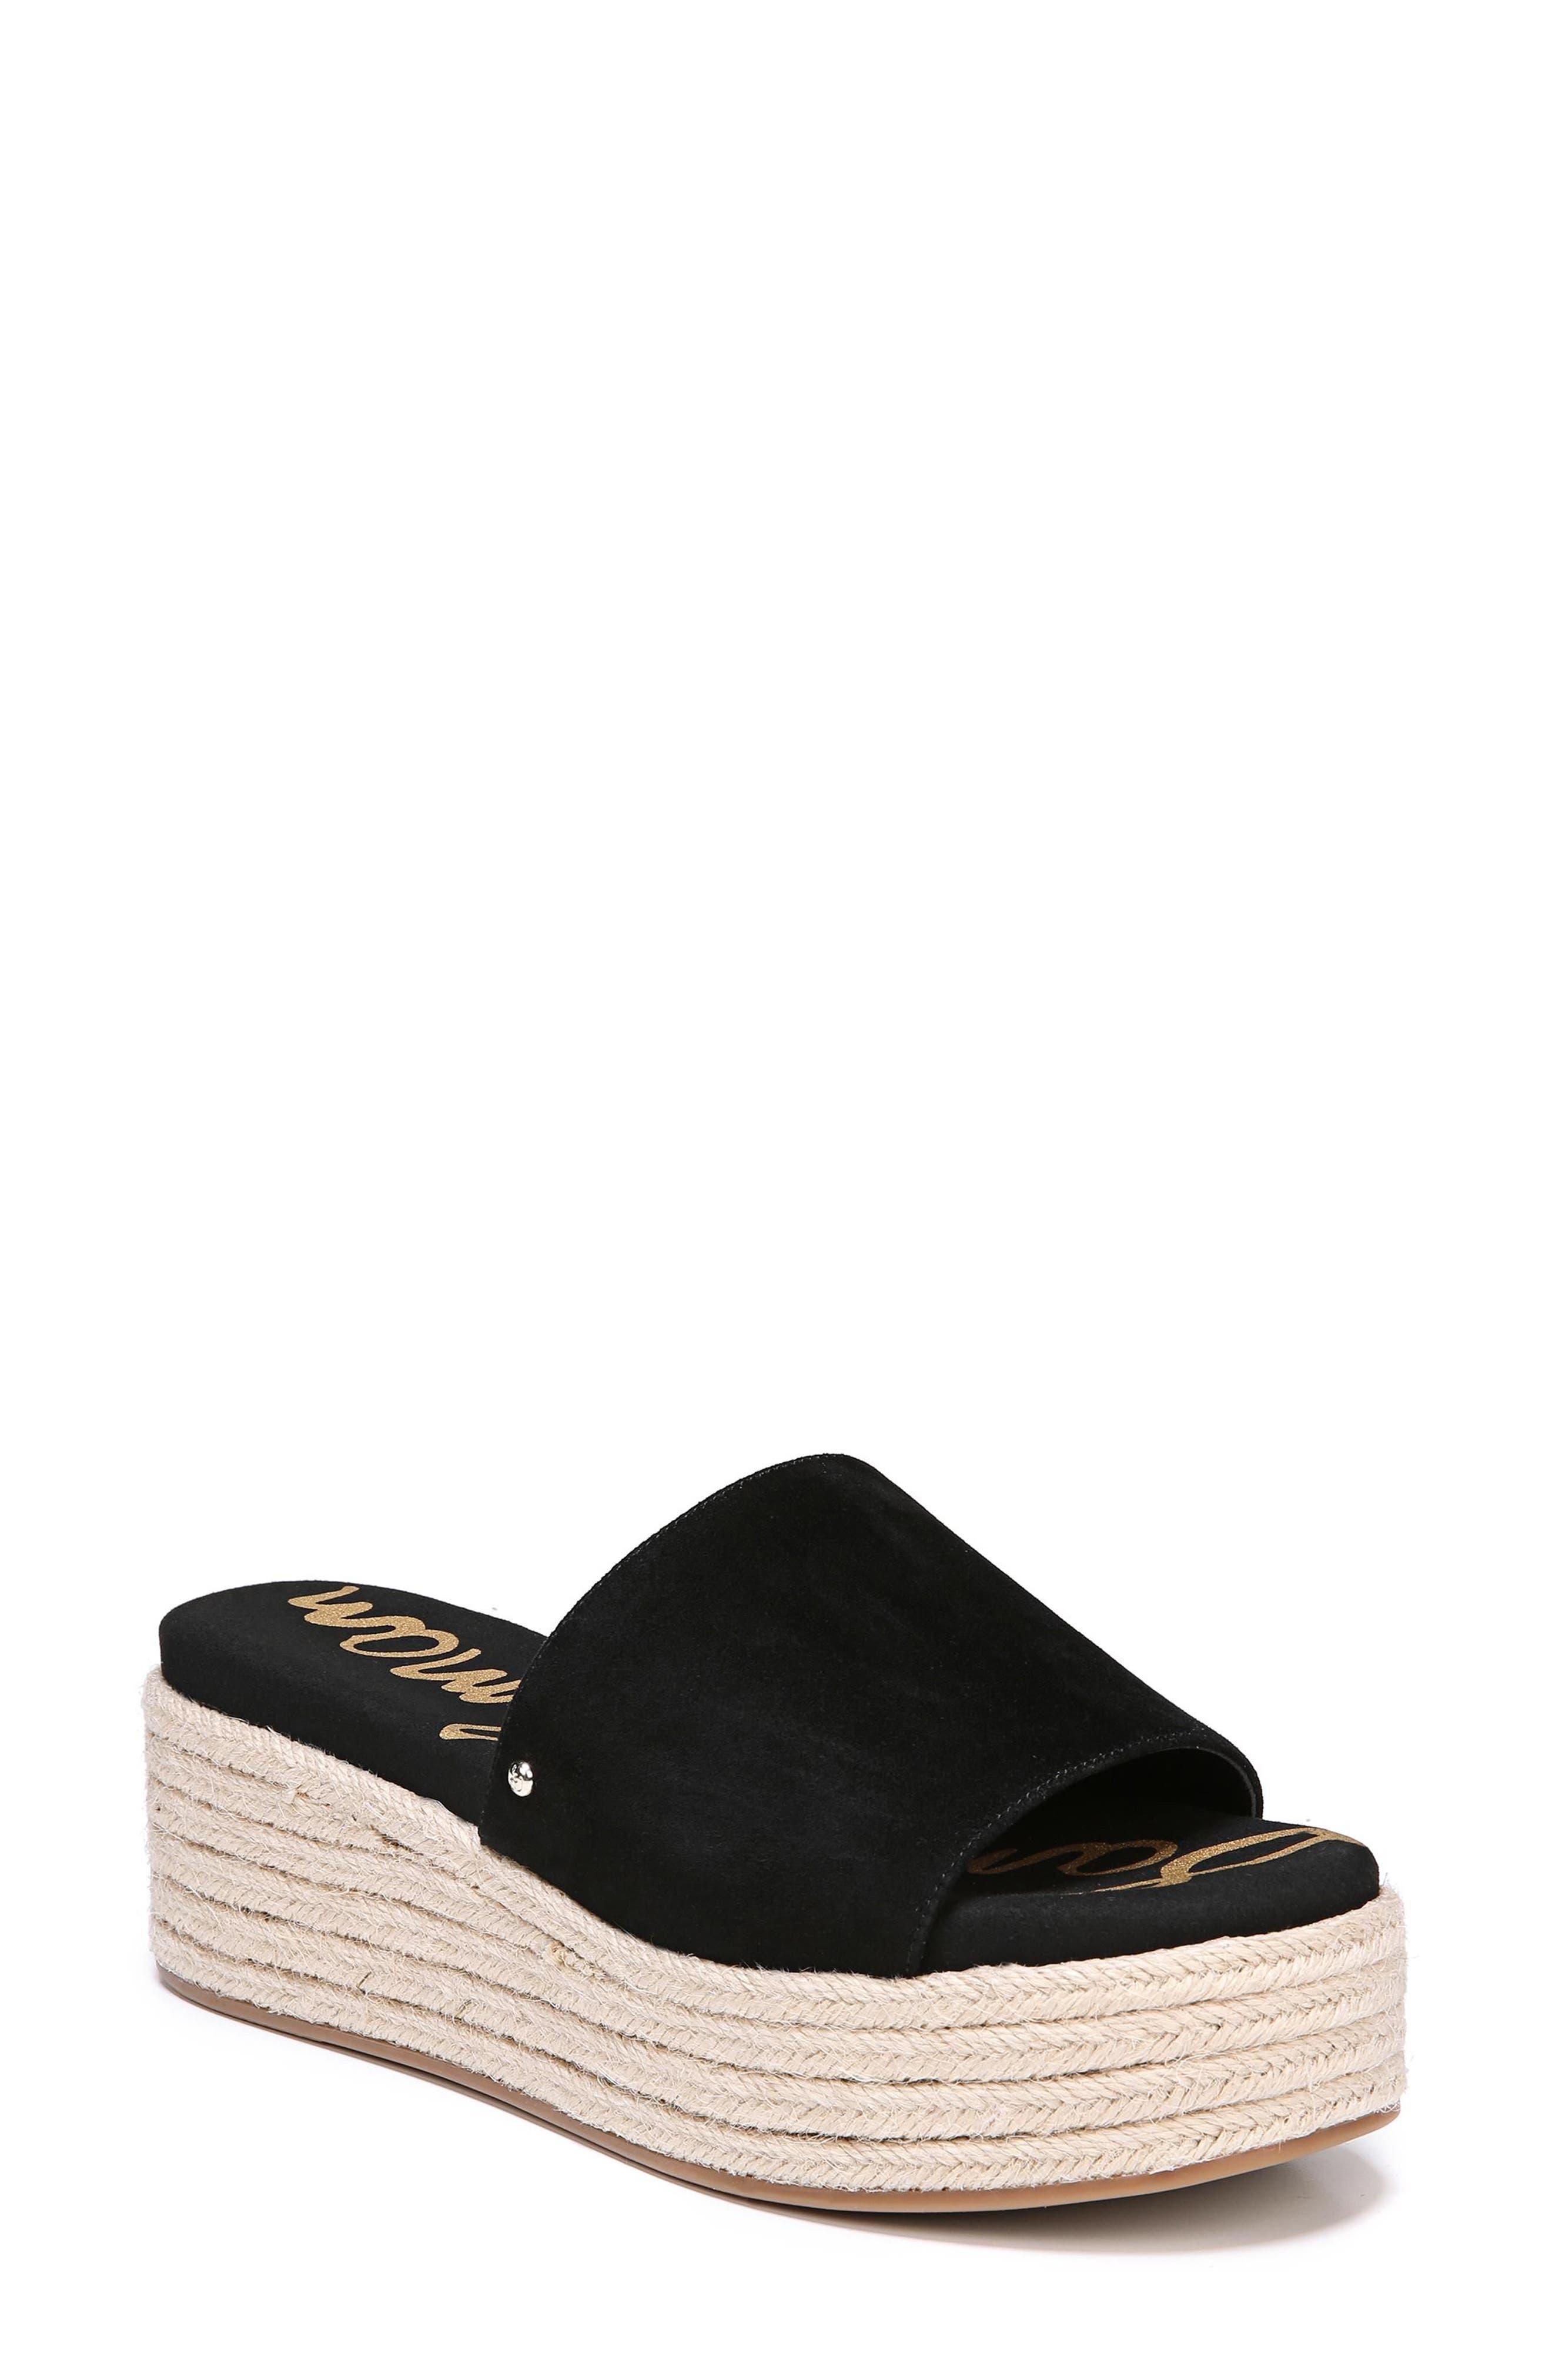 Weslee Platform Slide Sandal,                             Main thumbnail 1, color,                             BLACK SUEDE